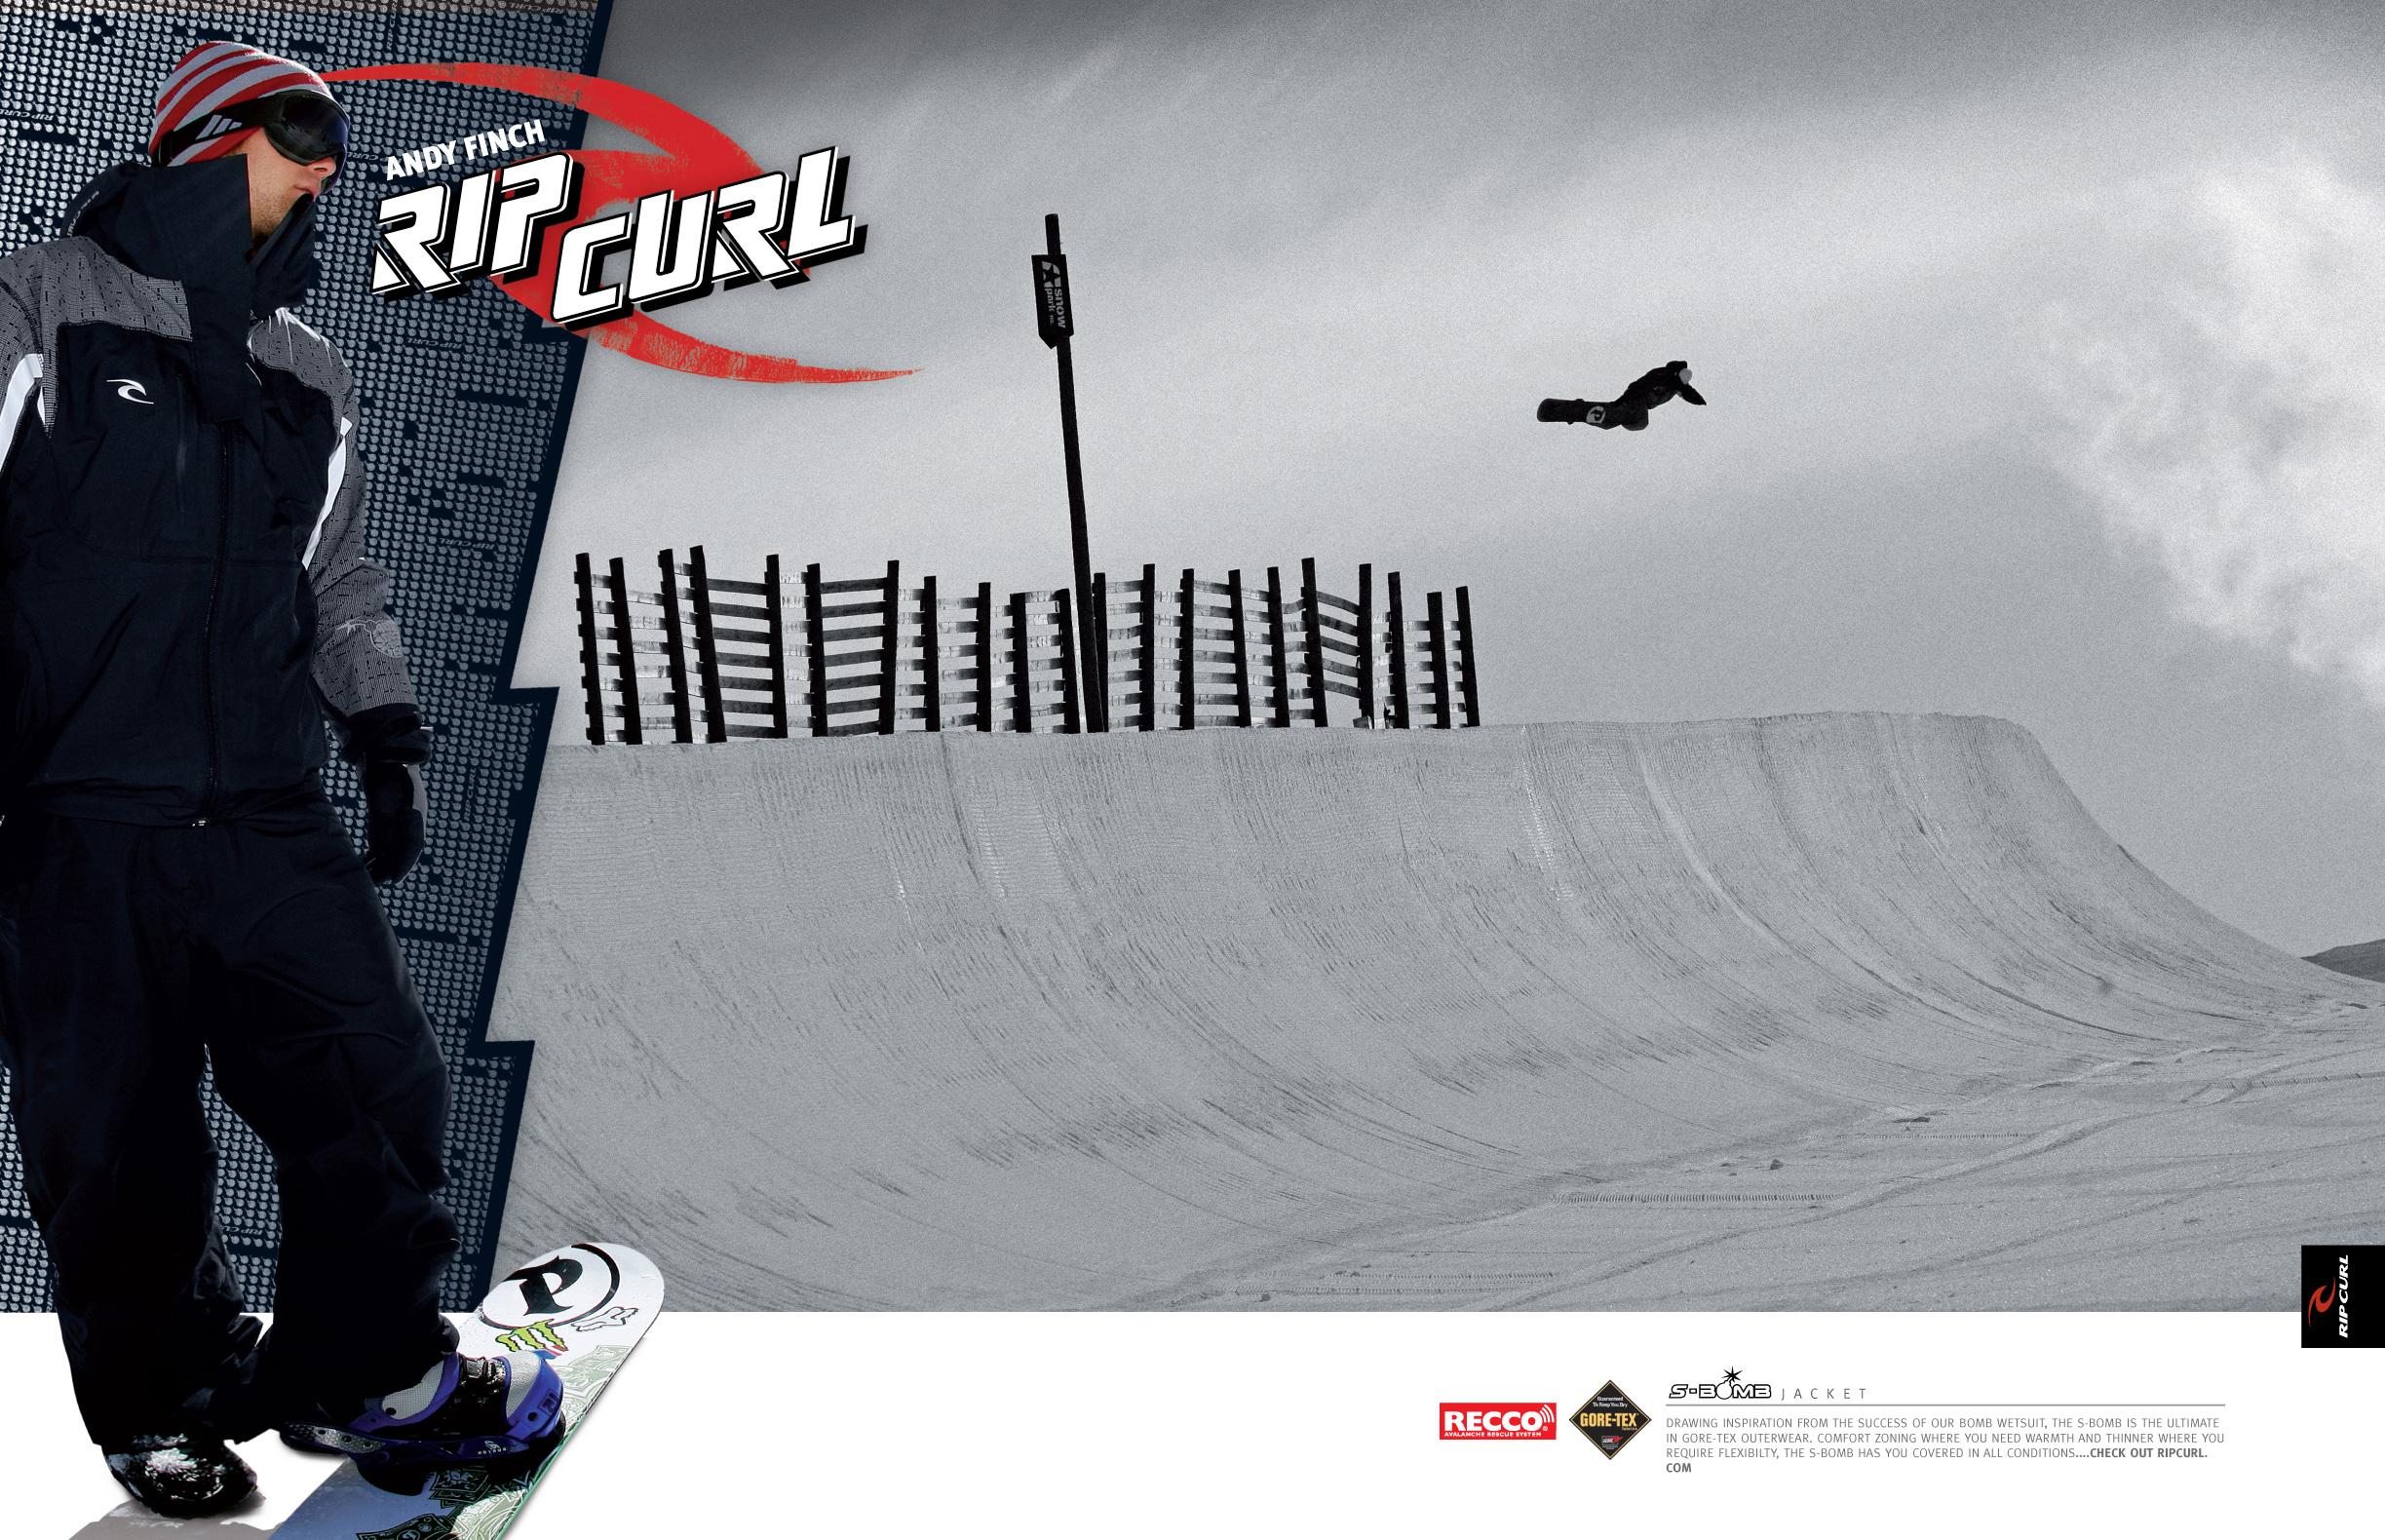 ripcurl_Snowboarder_AUG